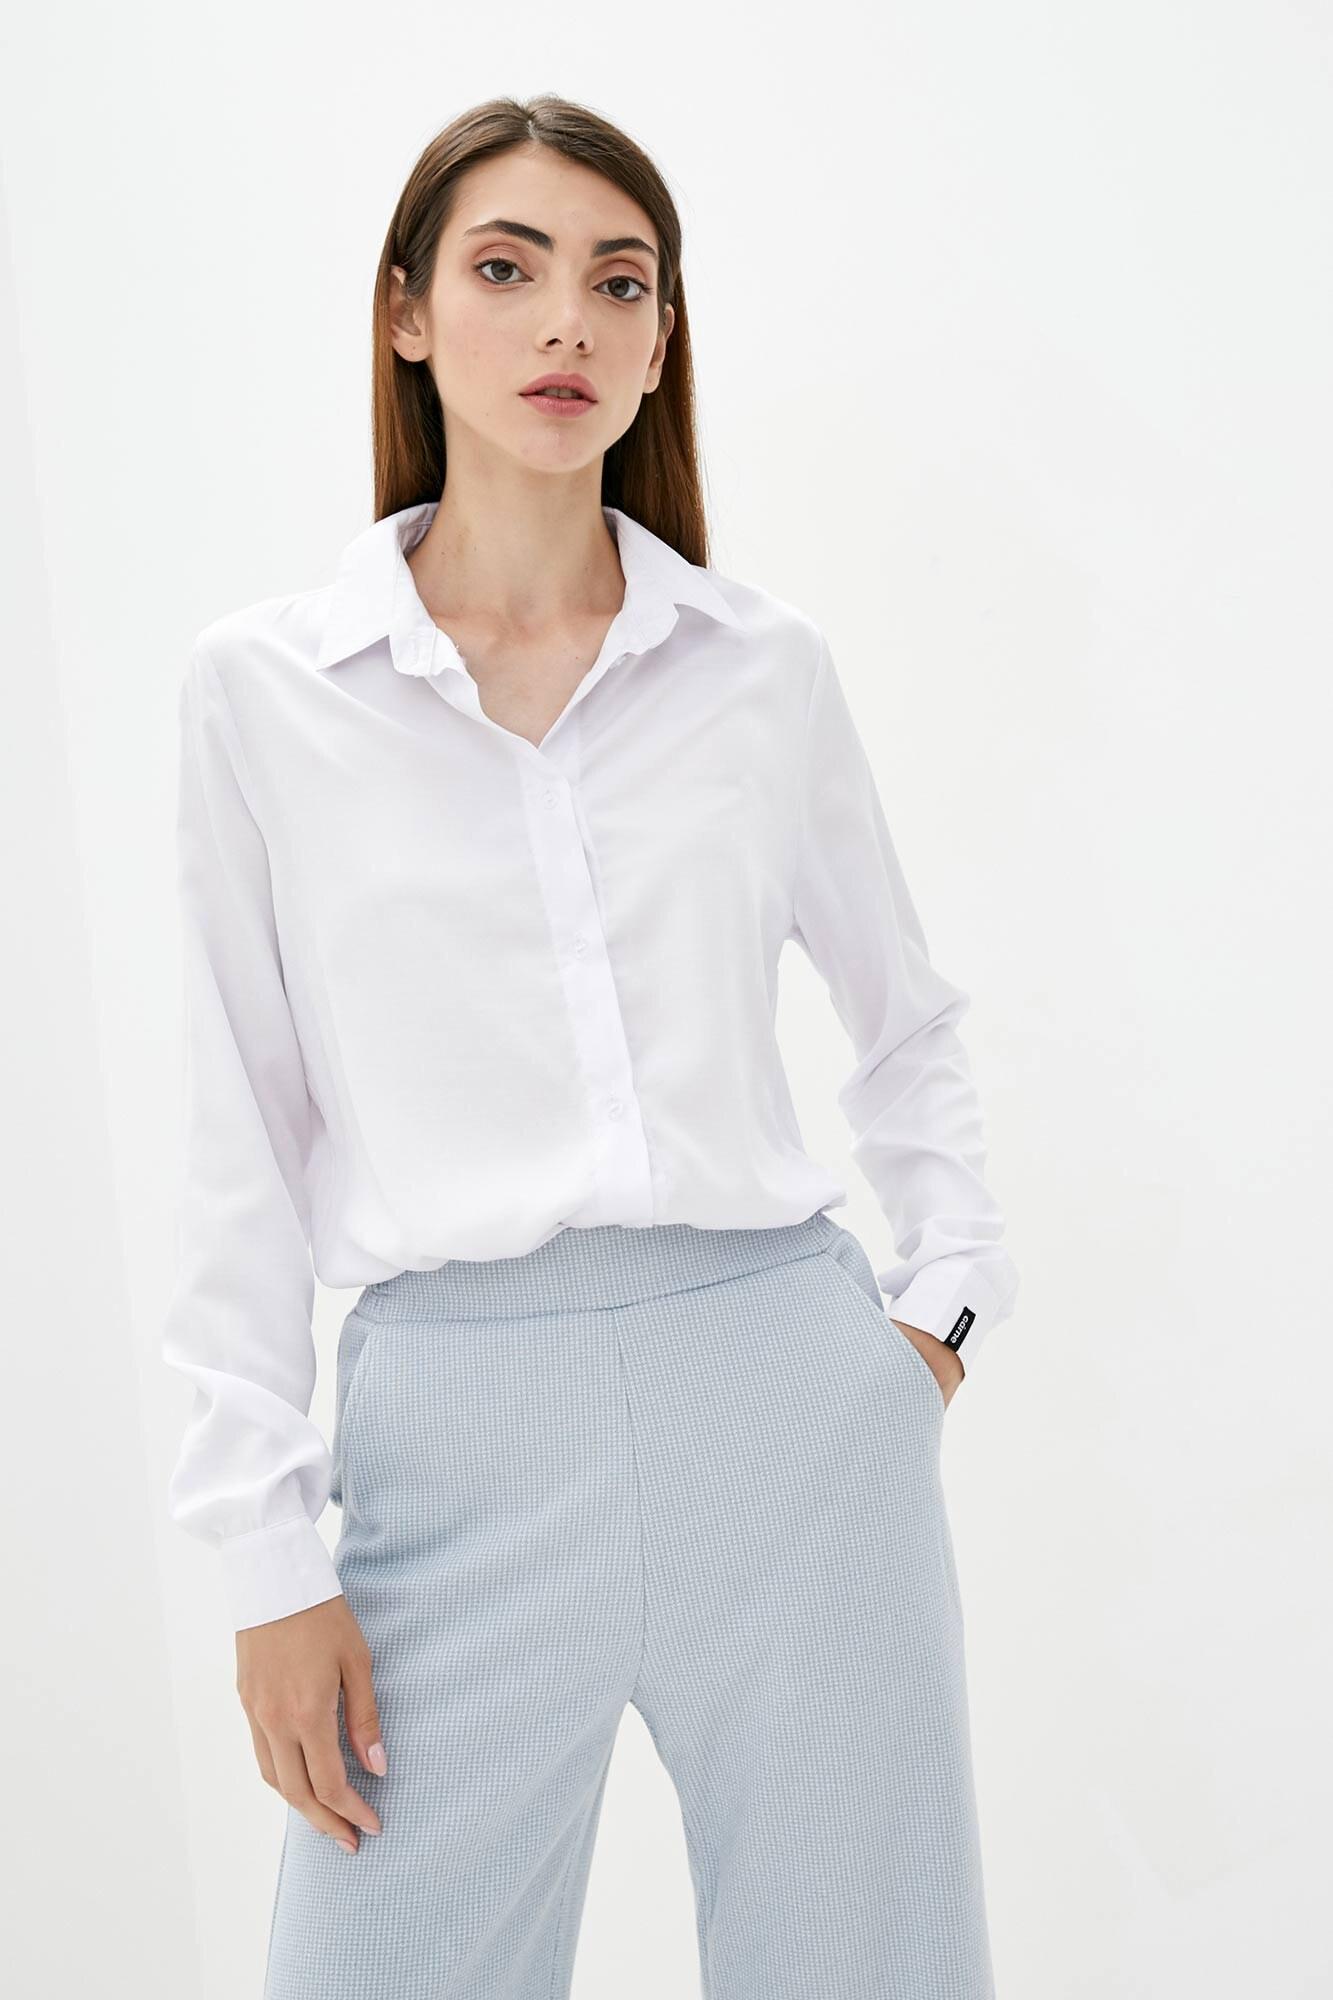 Тонкая оверсайз рубашка белого цвета с длинными рукавами